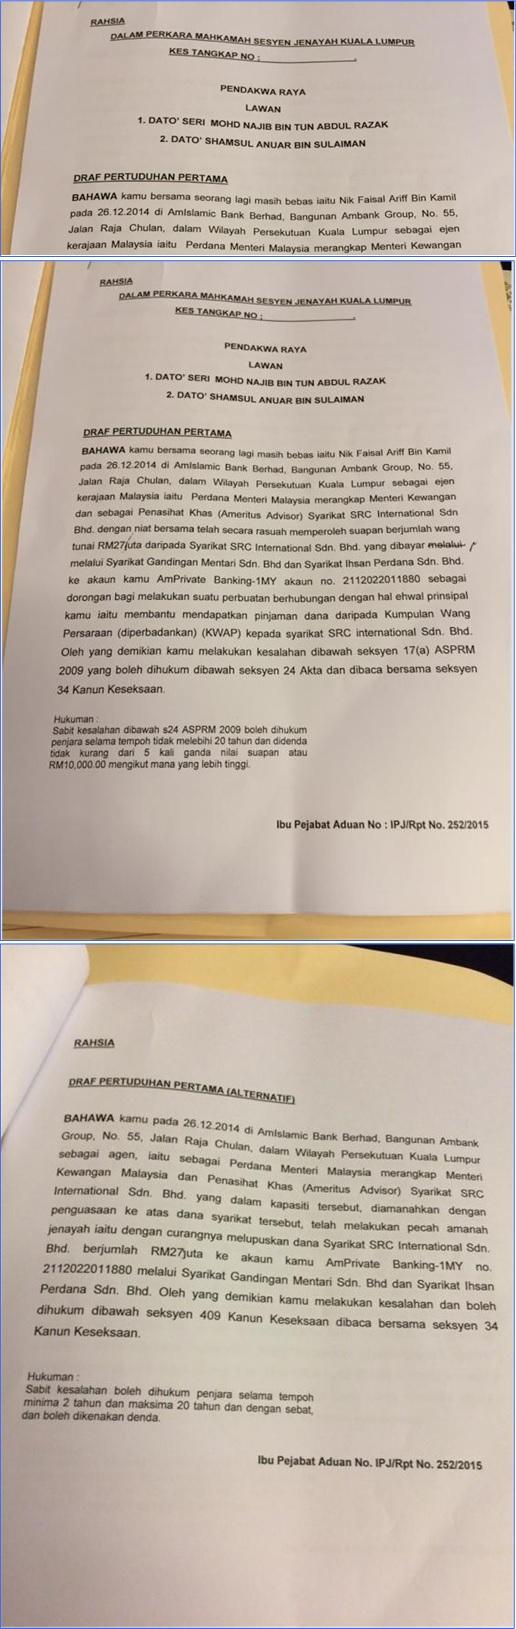 Najib Razak Arrest Warrant Draft - Sarawak Report - 1MDB Scandal